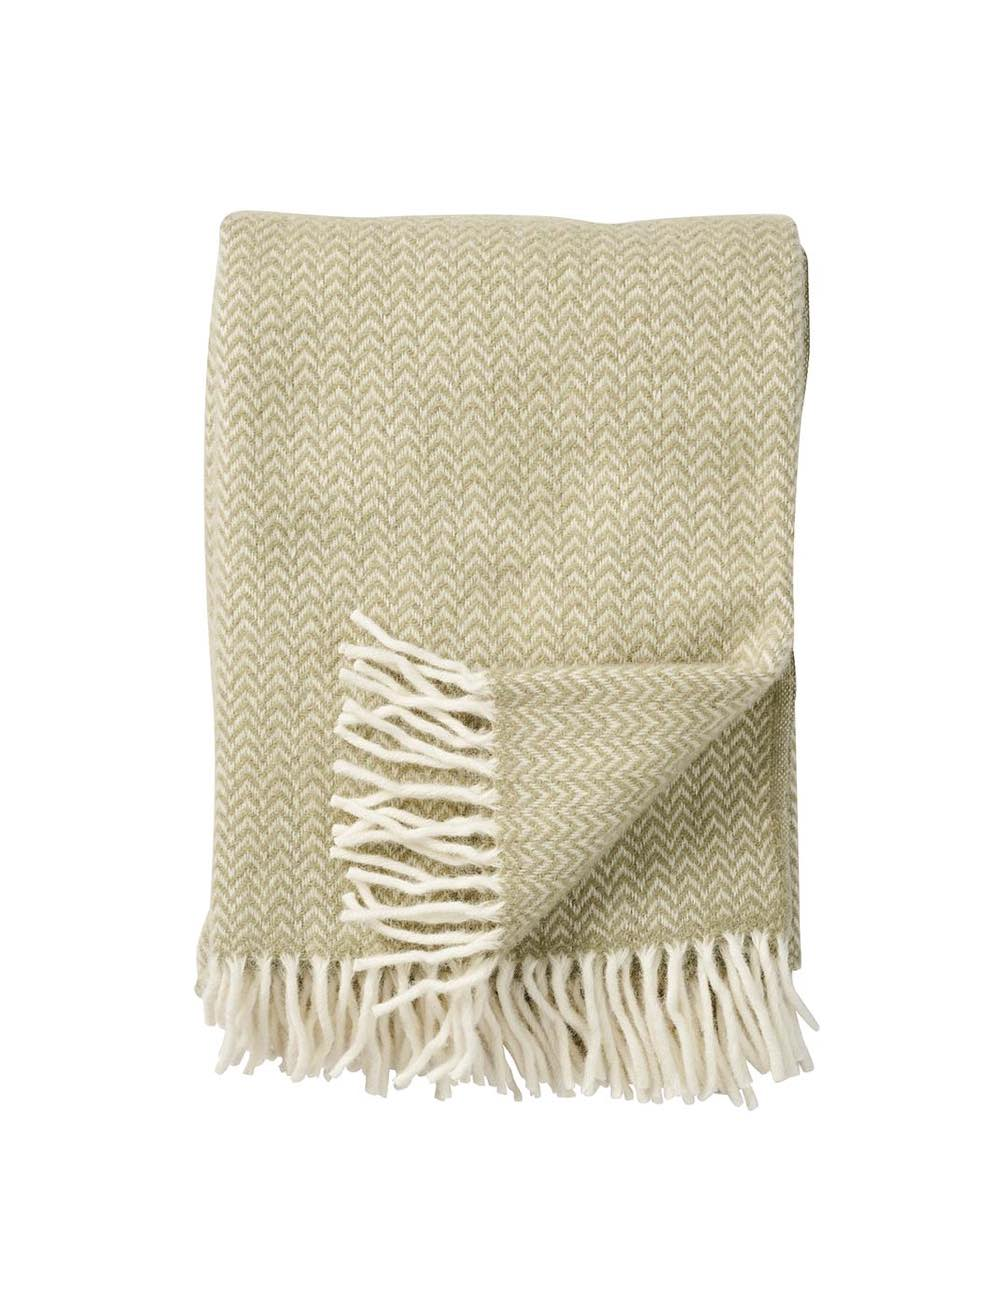 Chevron Green Blanket/Throw